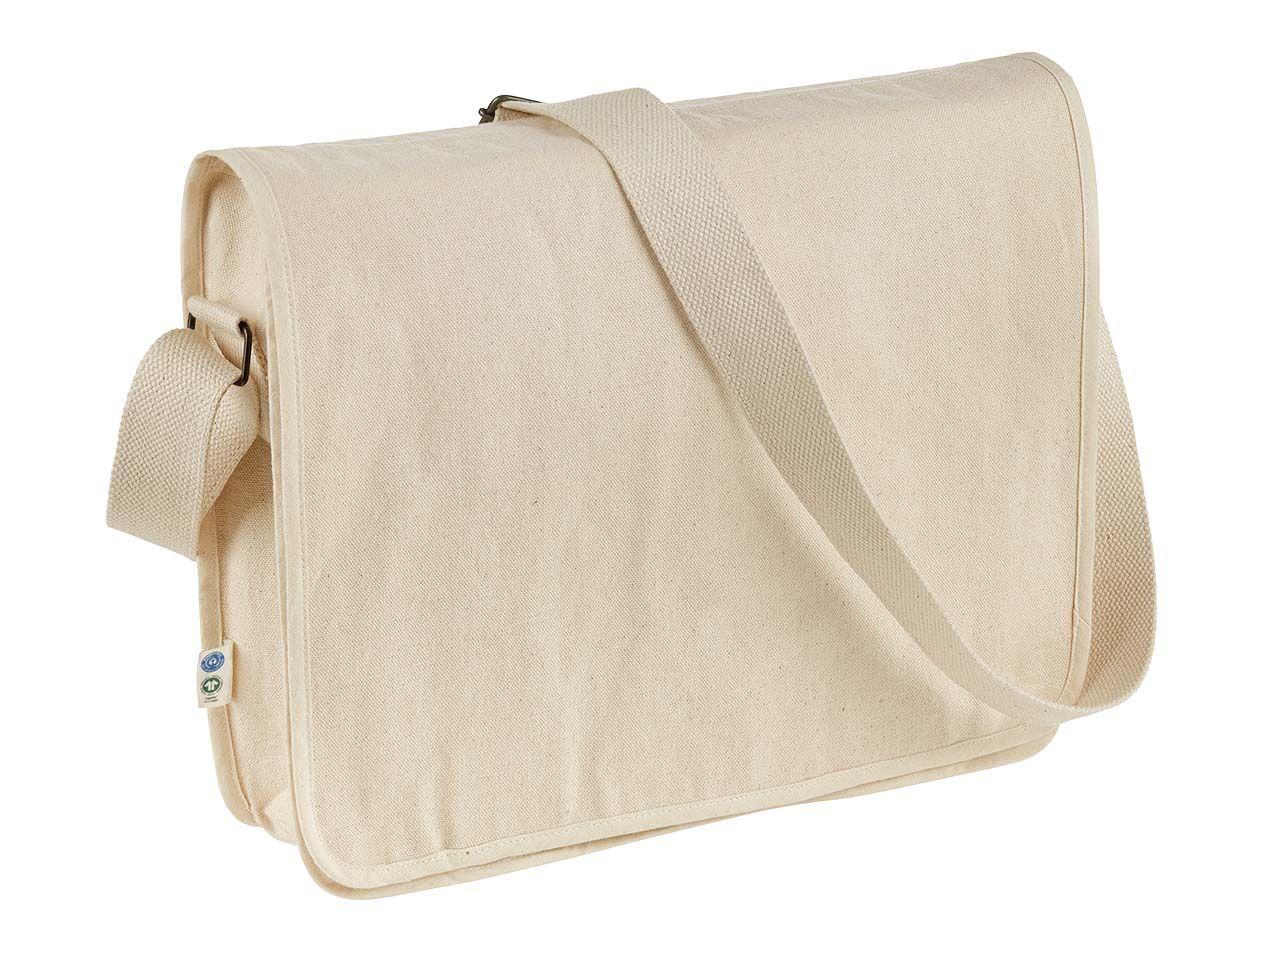 memo Bio-Baumwoll-Umhängetasche mit Fairtrade-Siegel, natur, 32,5 x 37 cm Flap Bag 37 x 32,5